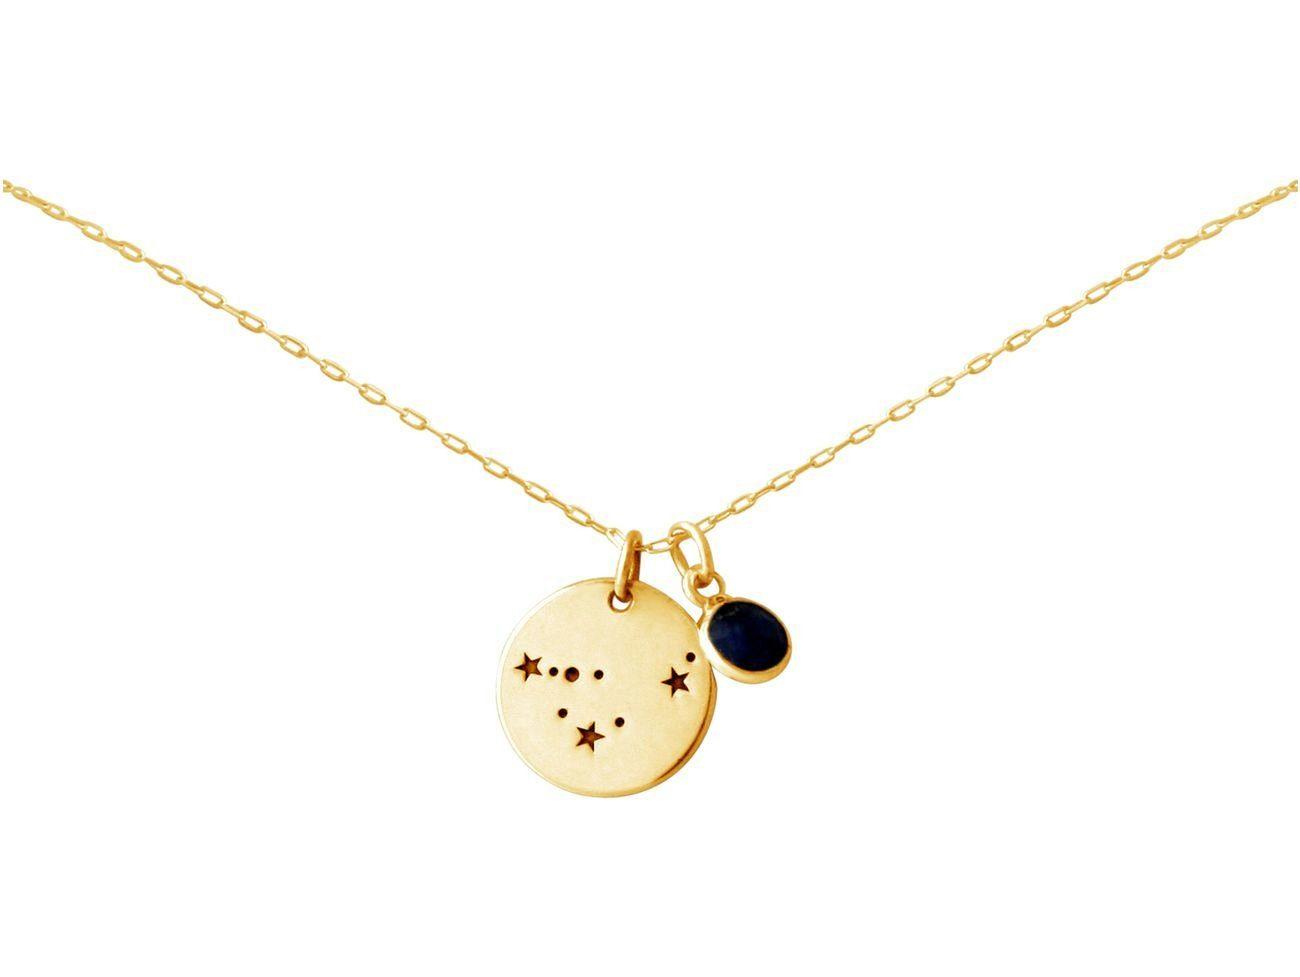 Gemshine Kette mit Anhänger »Sternzeichen Capricorn Steinbock mit blauem Saphir«, Made in Spain online kaufen | OTTO